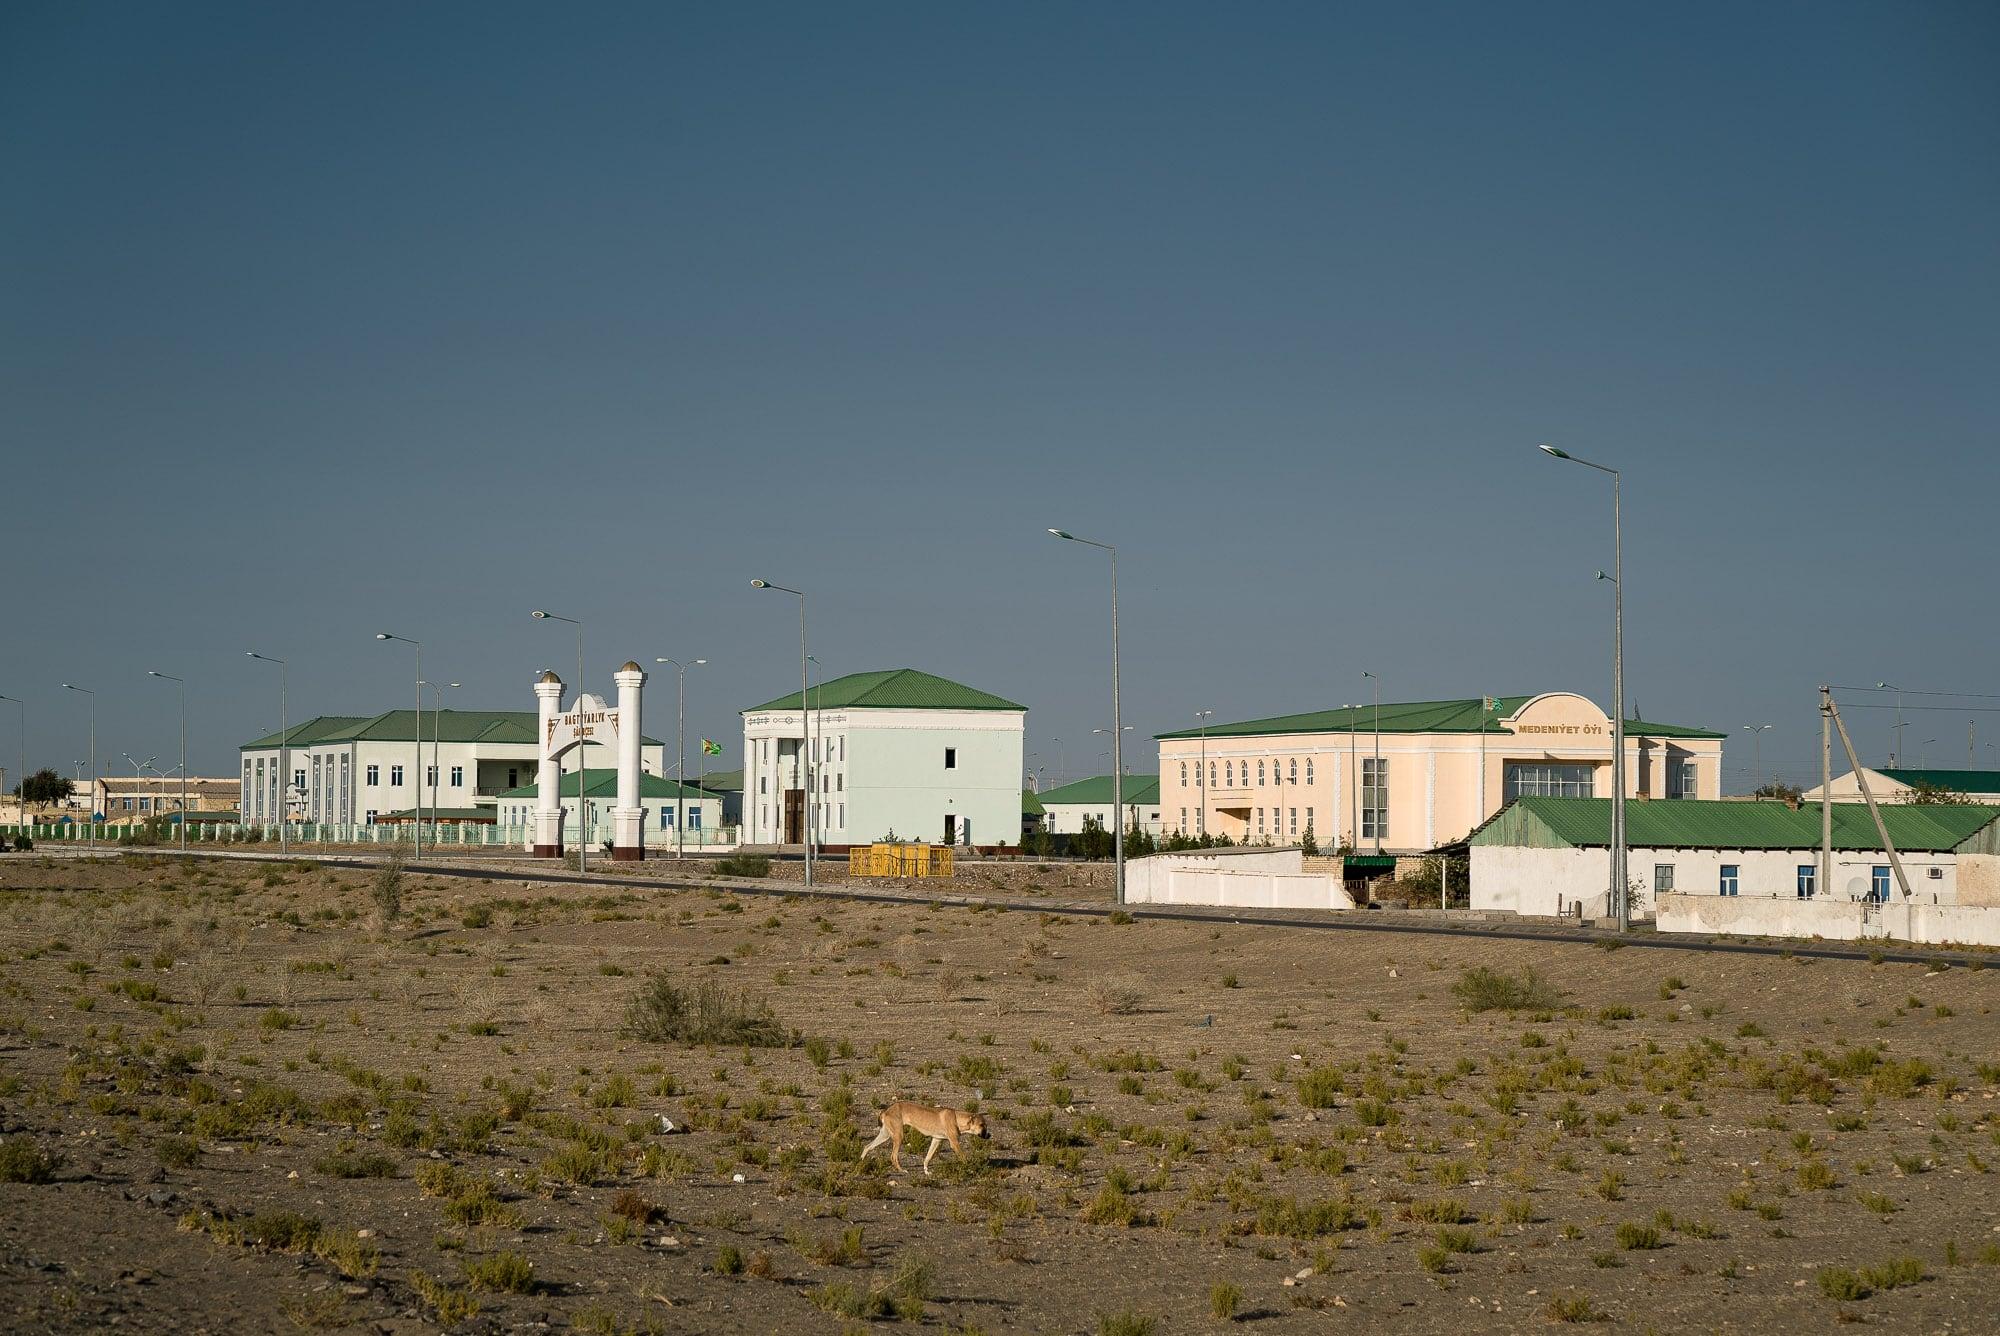 settlement that seems too big